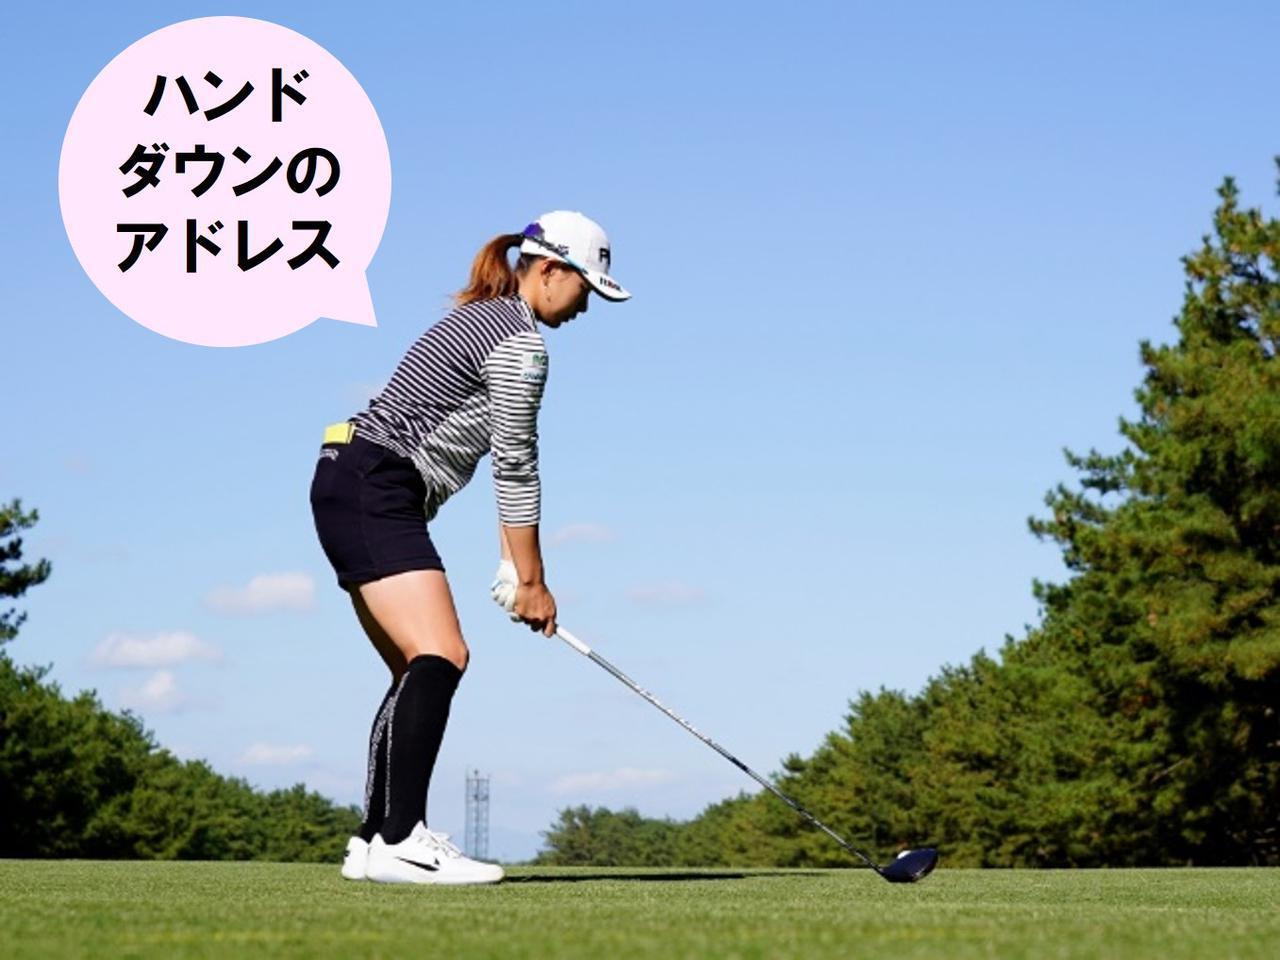 画像7: 【渋野日向子】小さな動きで最大パワーと最速スピード。これぞ令和のアスレチックスウィング!